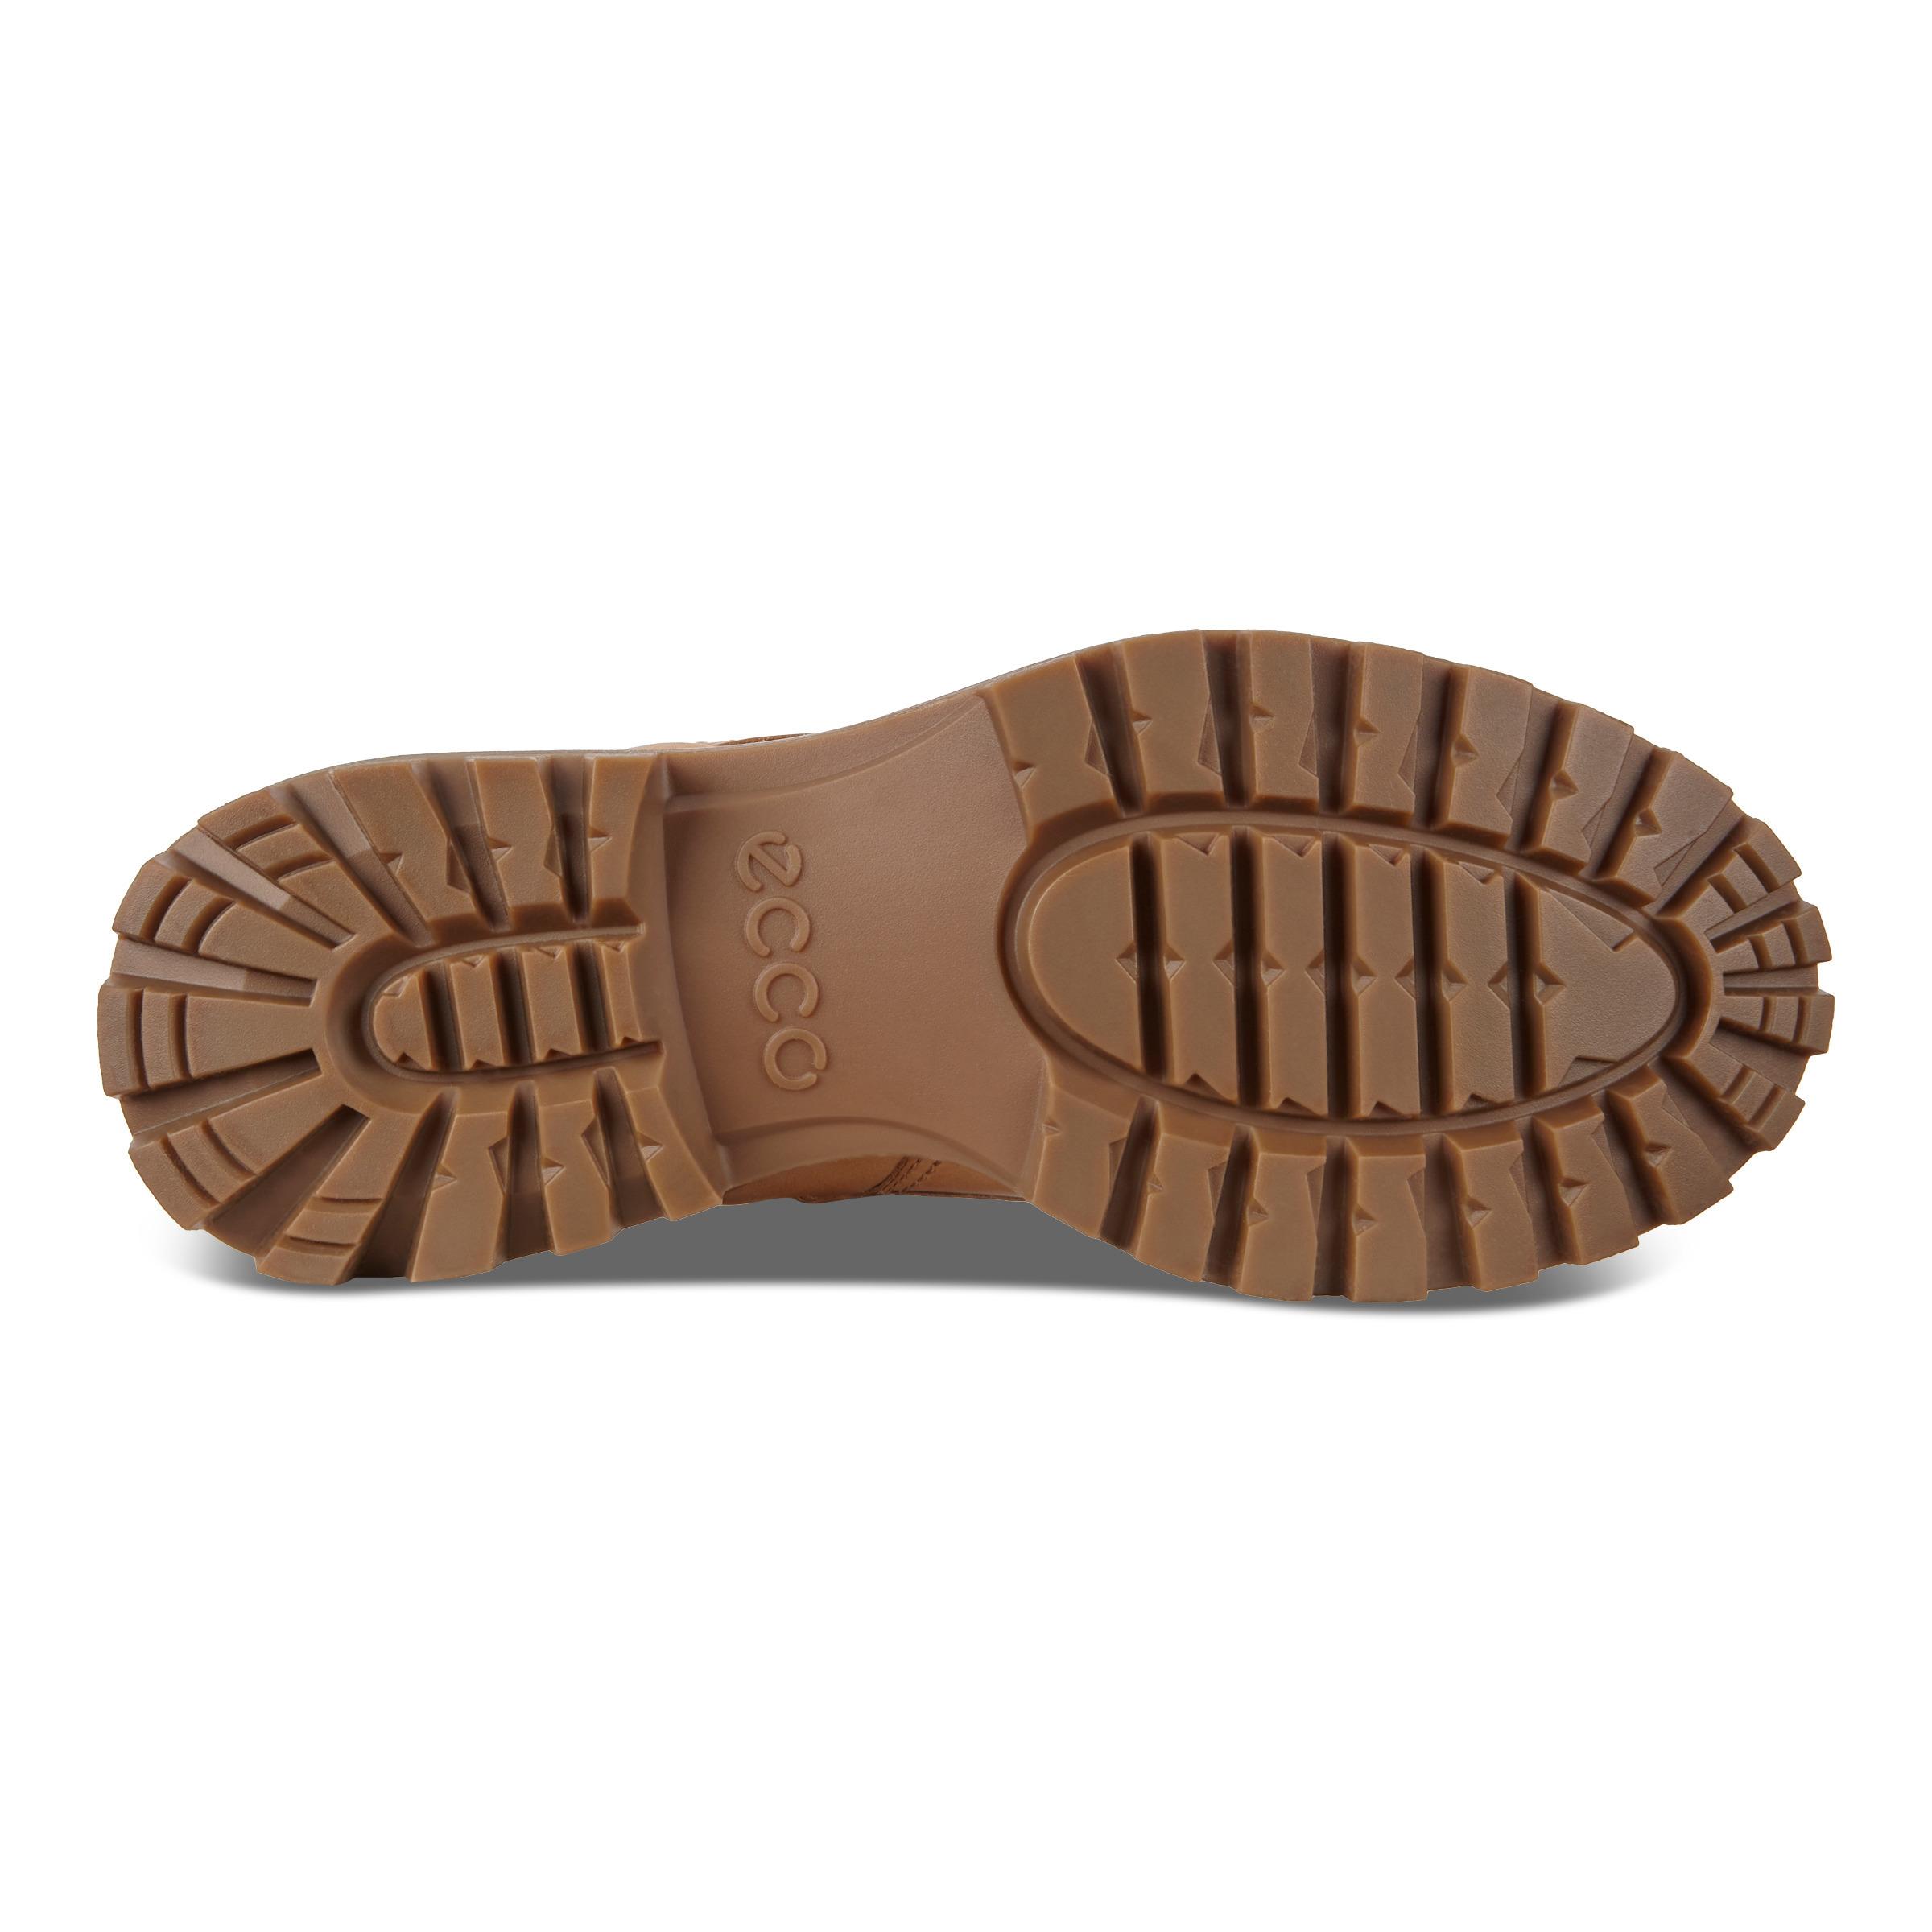 ECCO TRED TRAY Women Schuhe Damen Freizeit Leder Stiefel